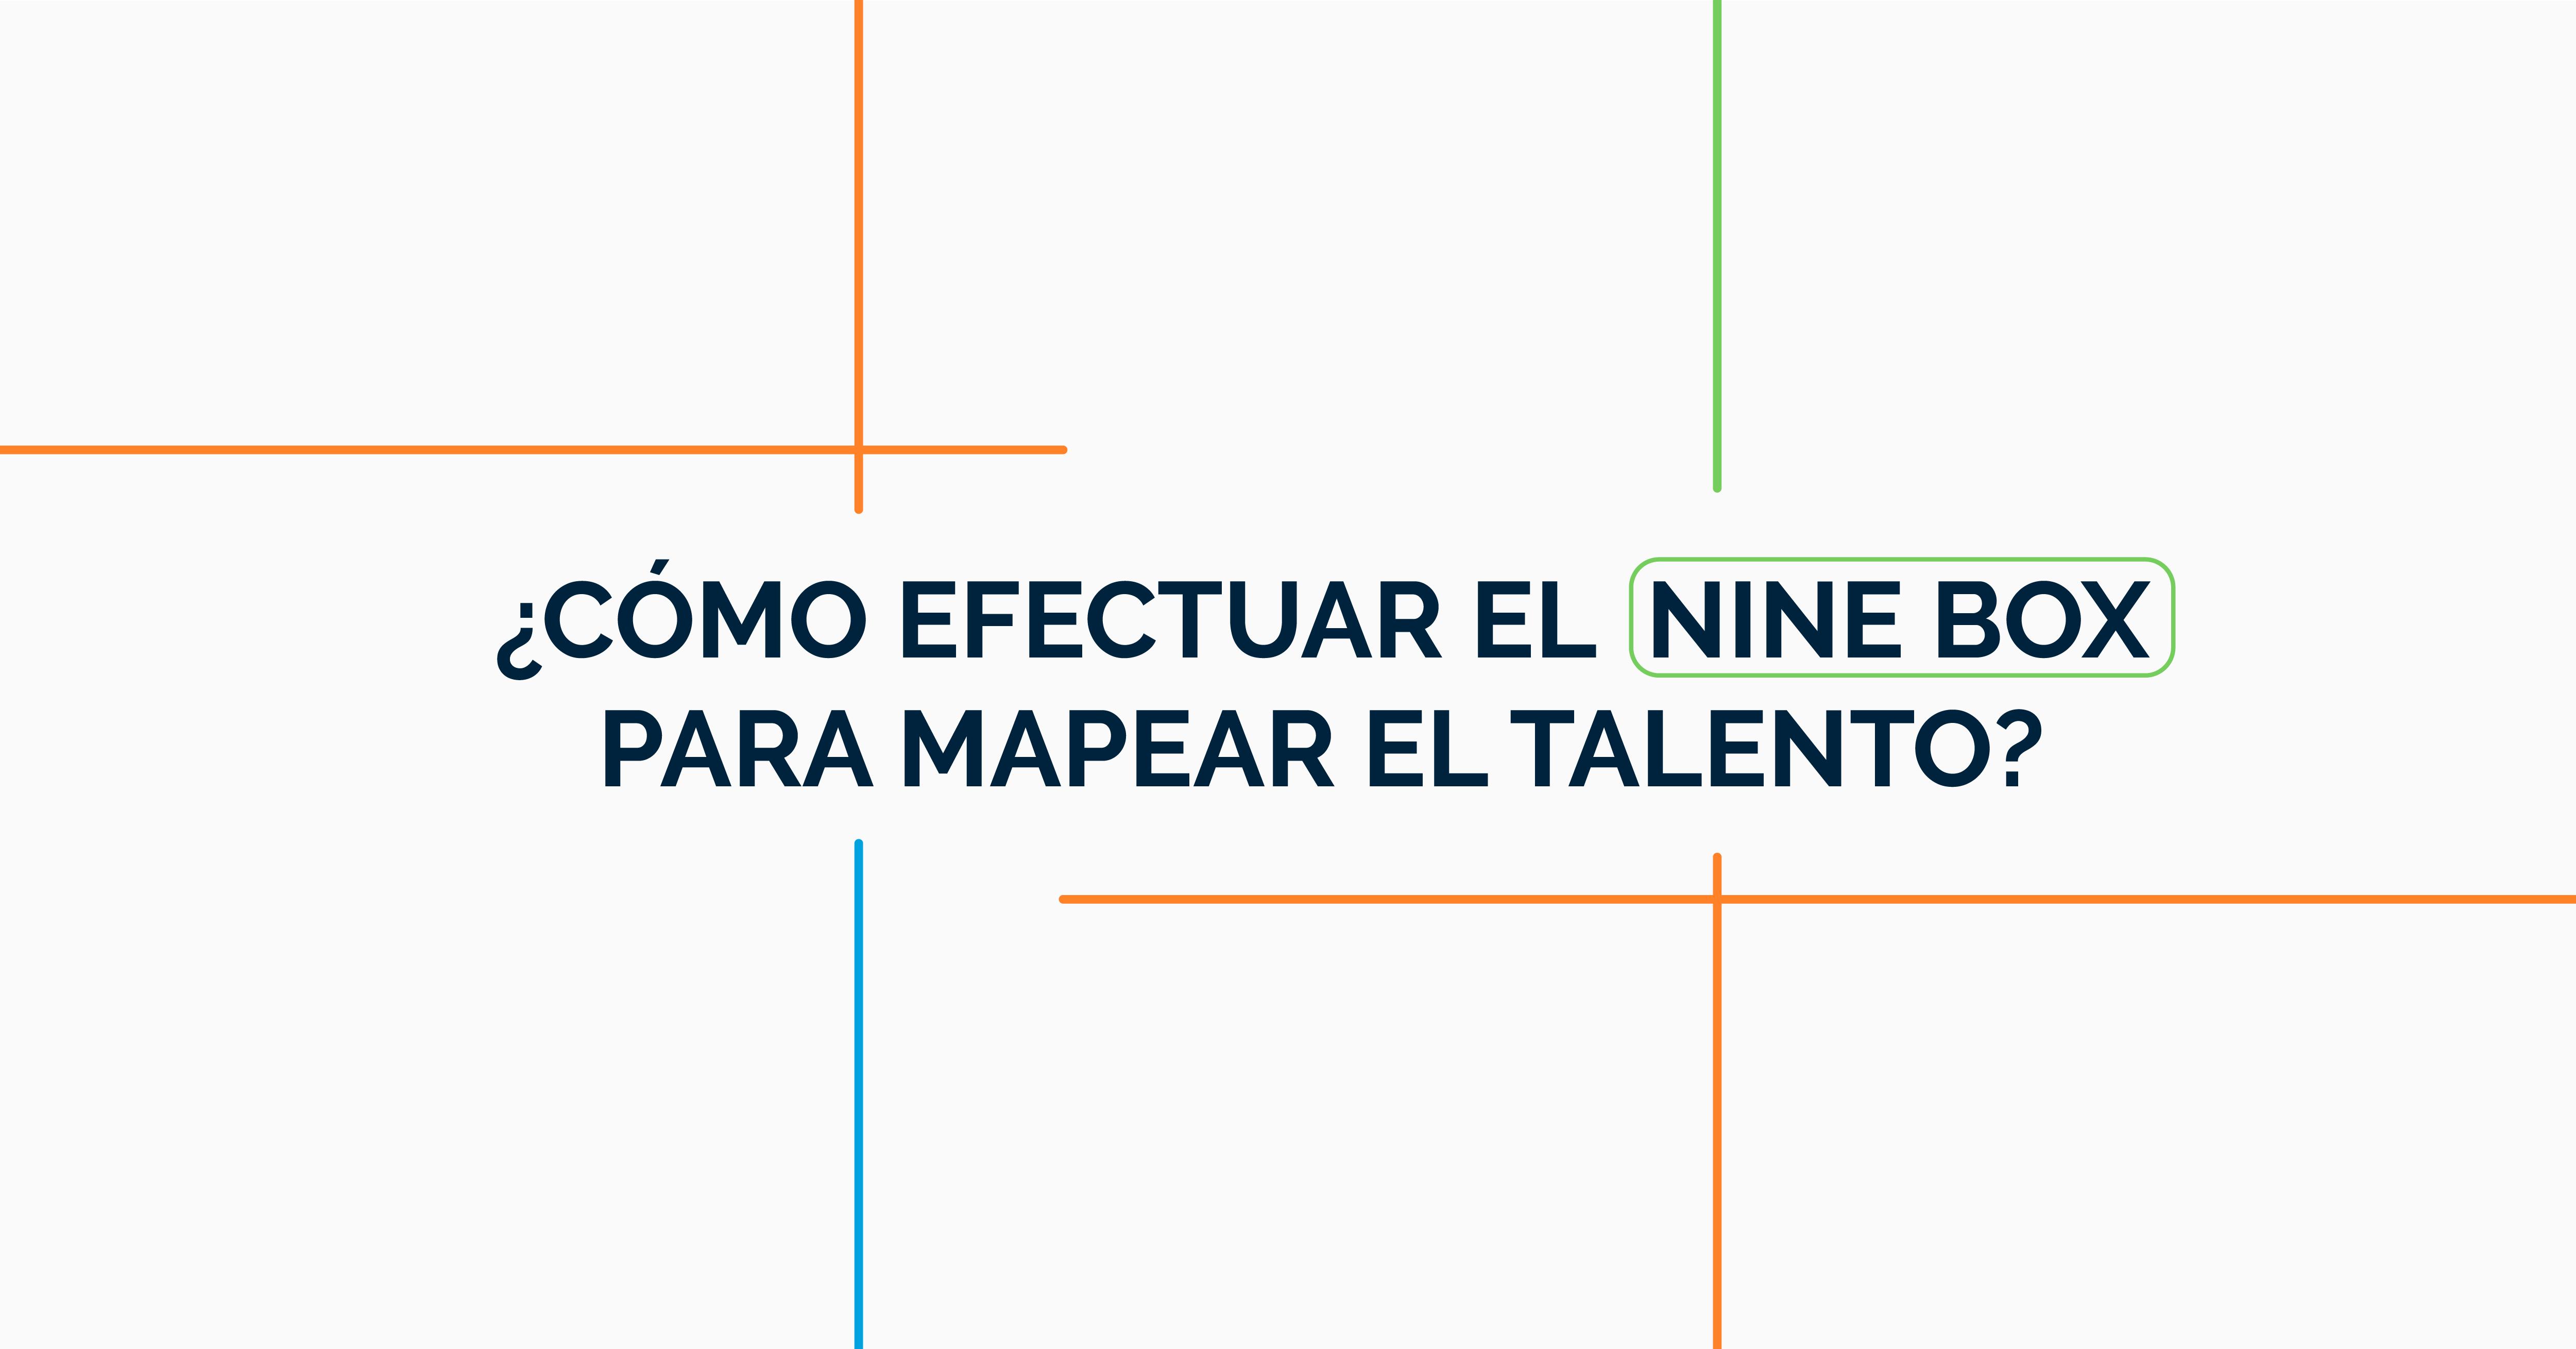 Cómo efectuar el ninebox para mapear el talento